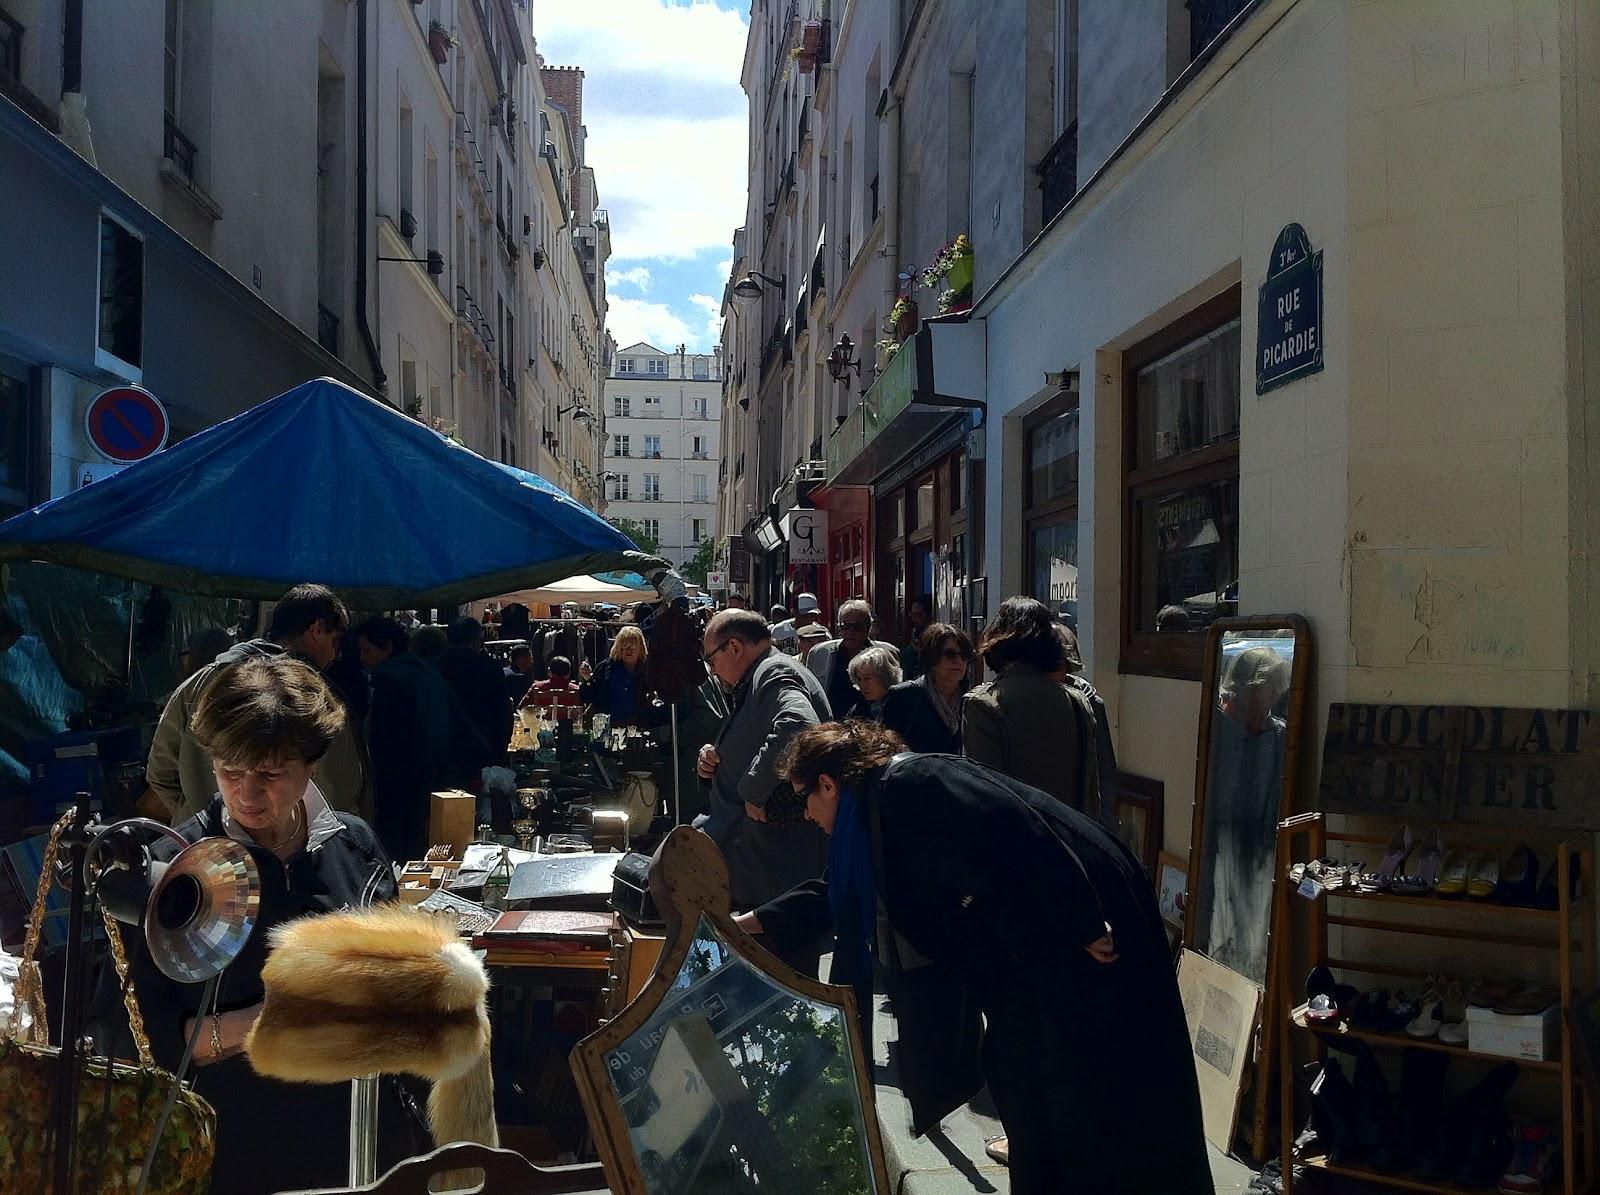 My little fab brocante rue de bretagne - Brocante rue de bretagne ...